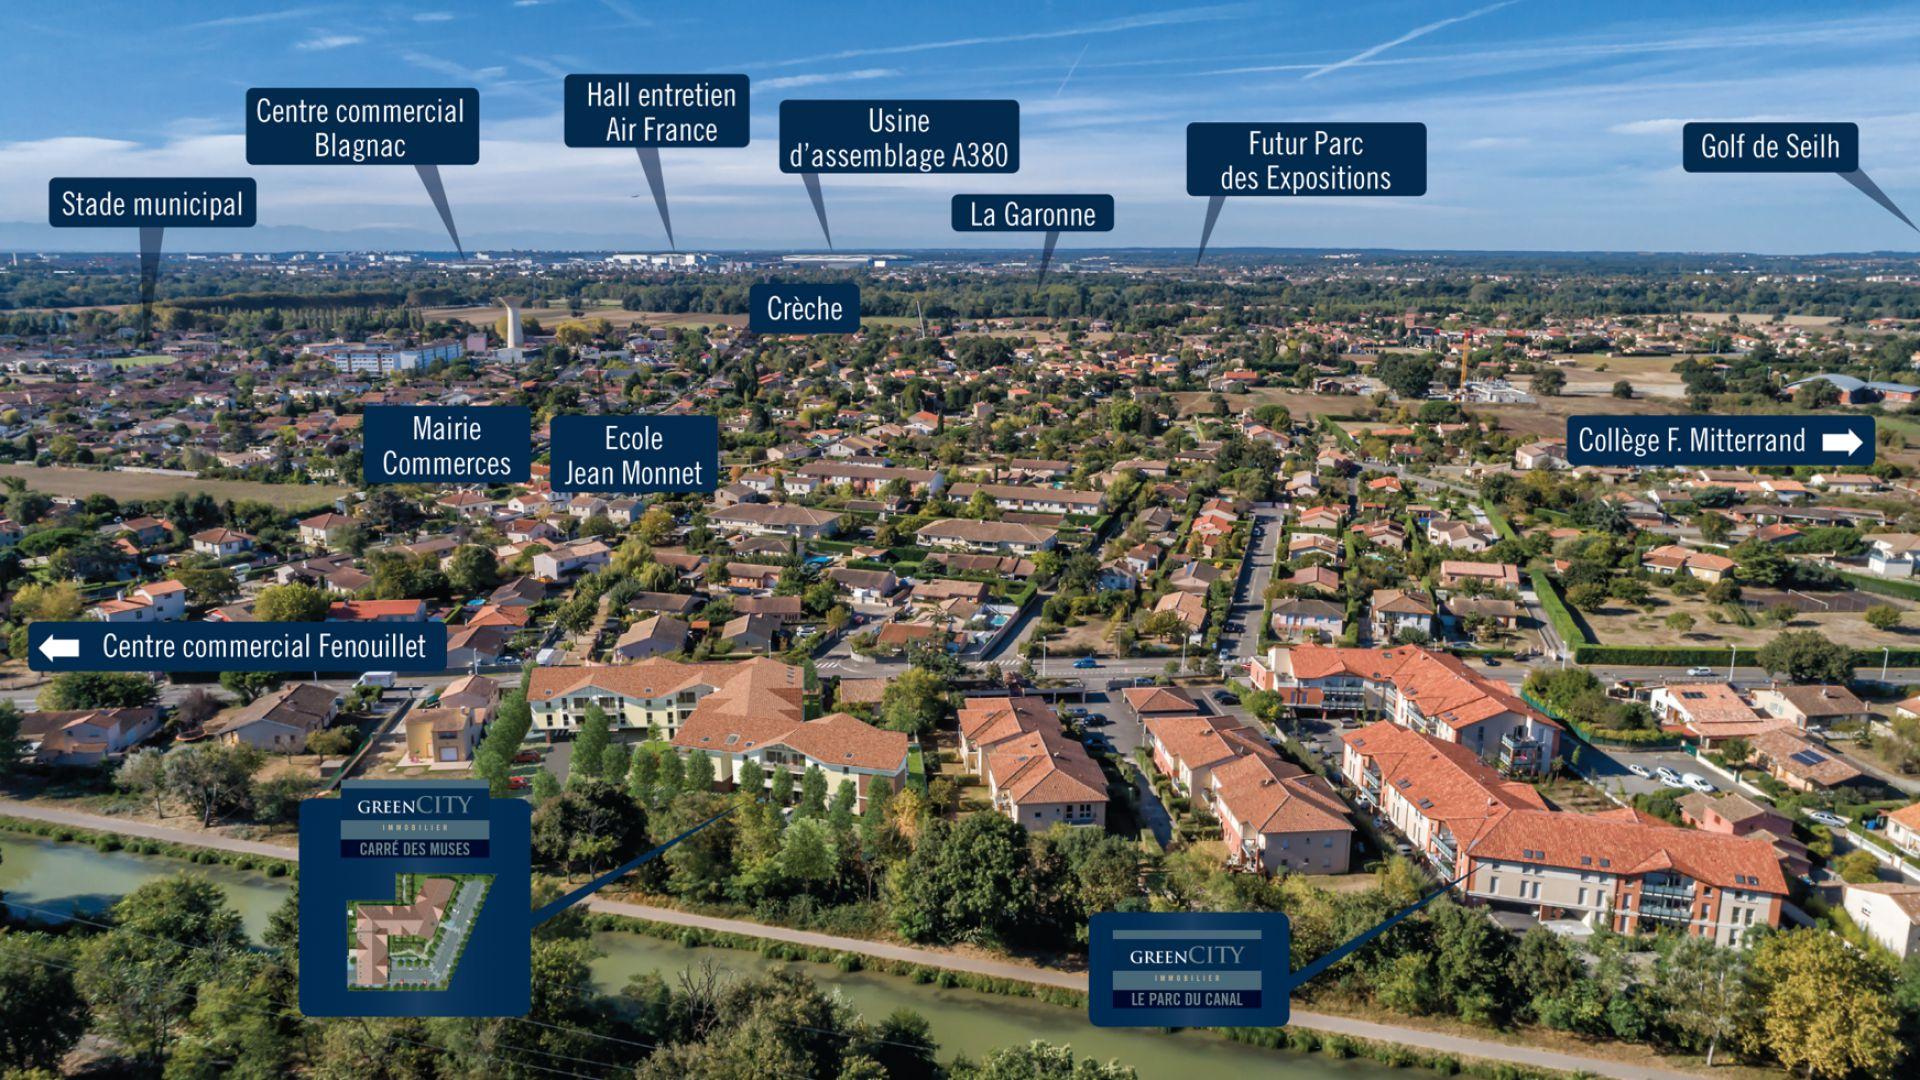 GreenCity immobilier - Fenouillet 31150 - Carré des Muses - appartement du T1 au T3 - insertion paysagere